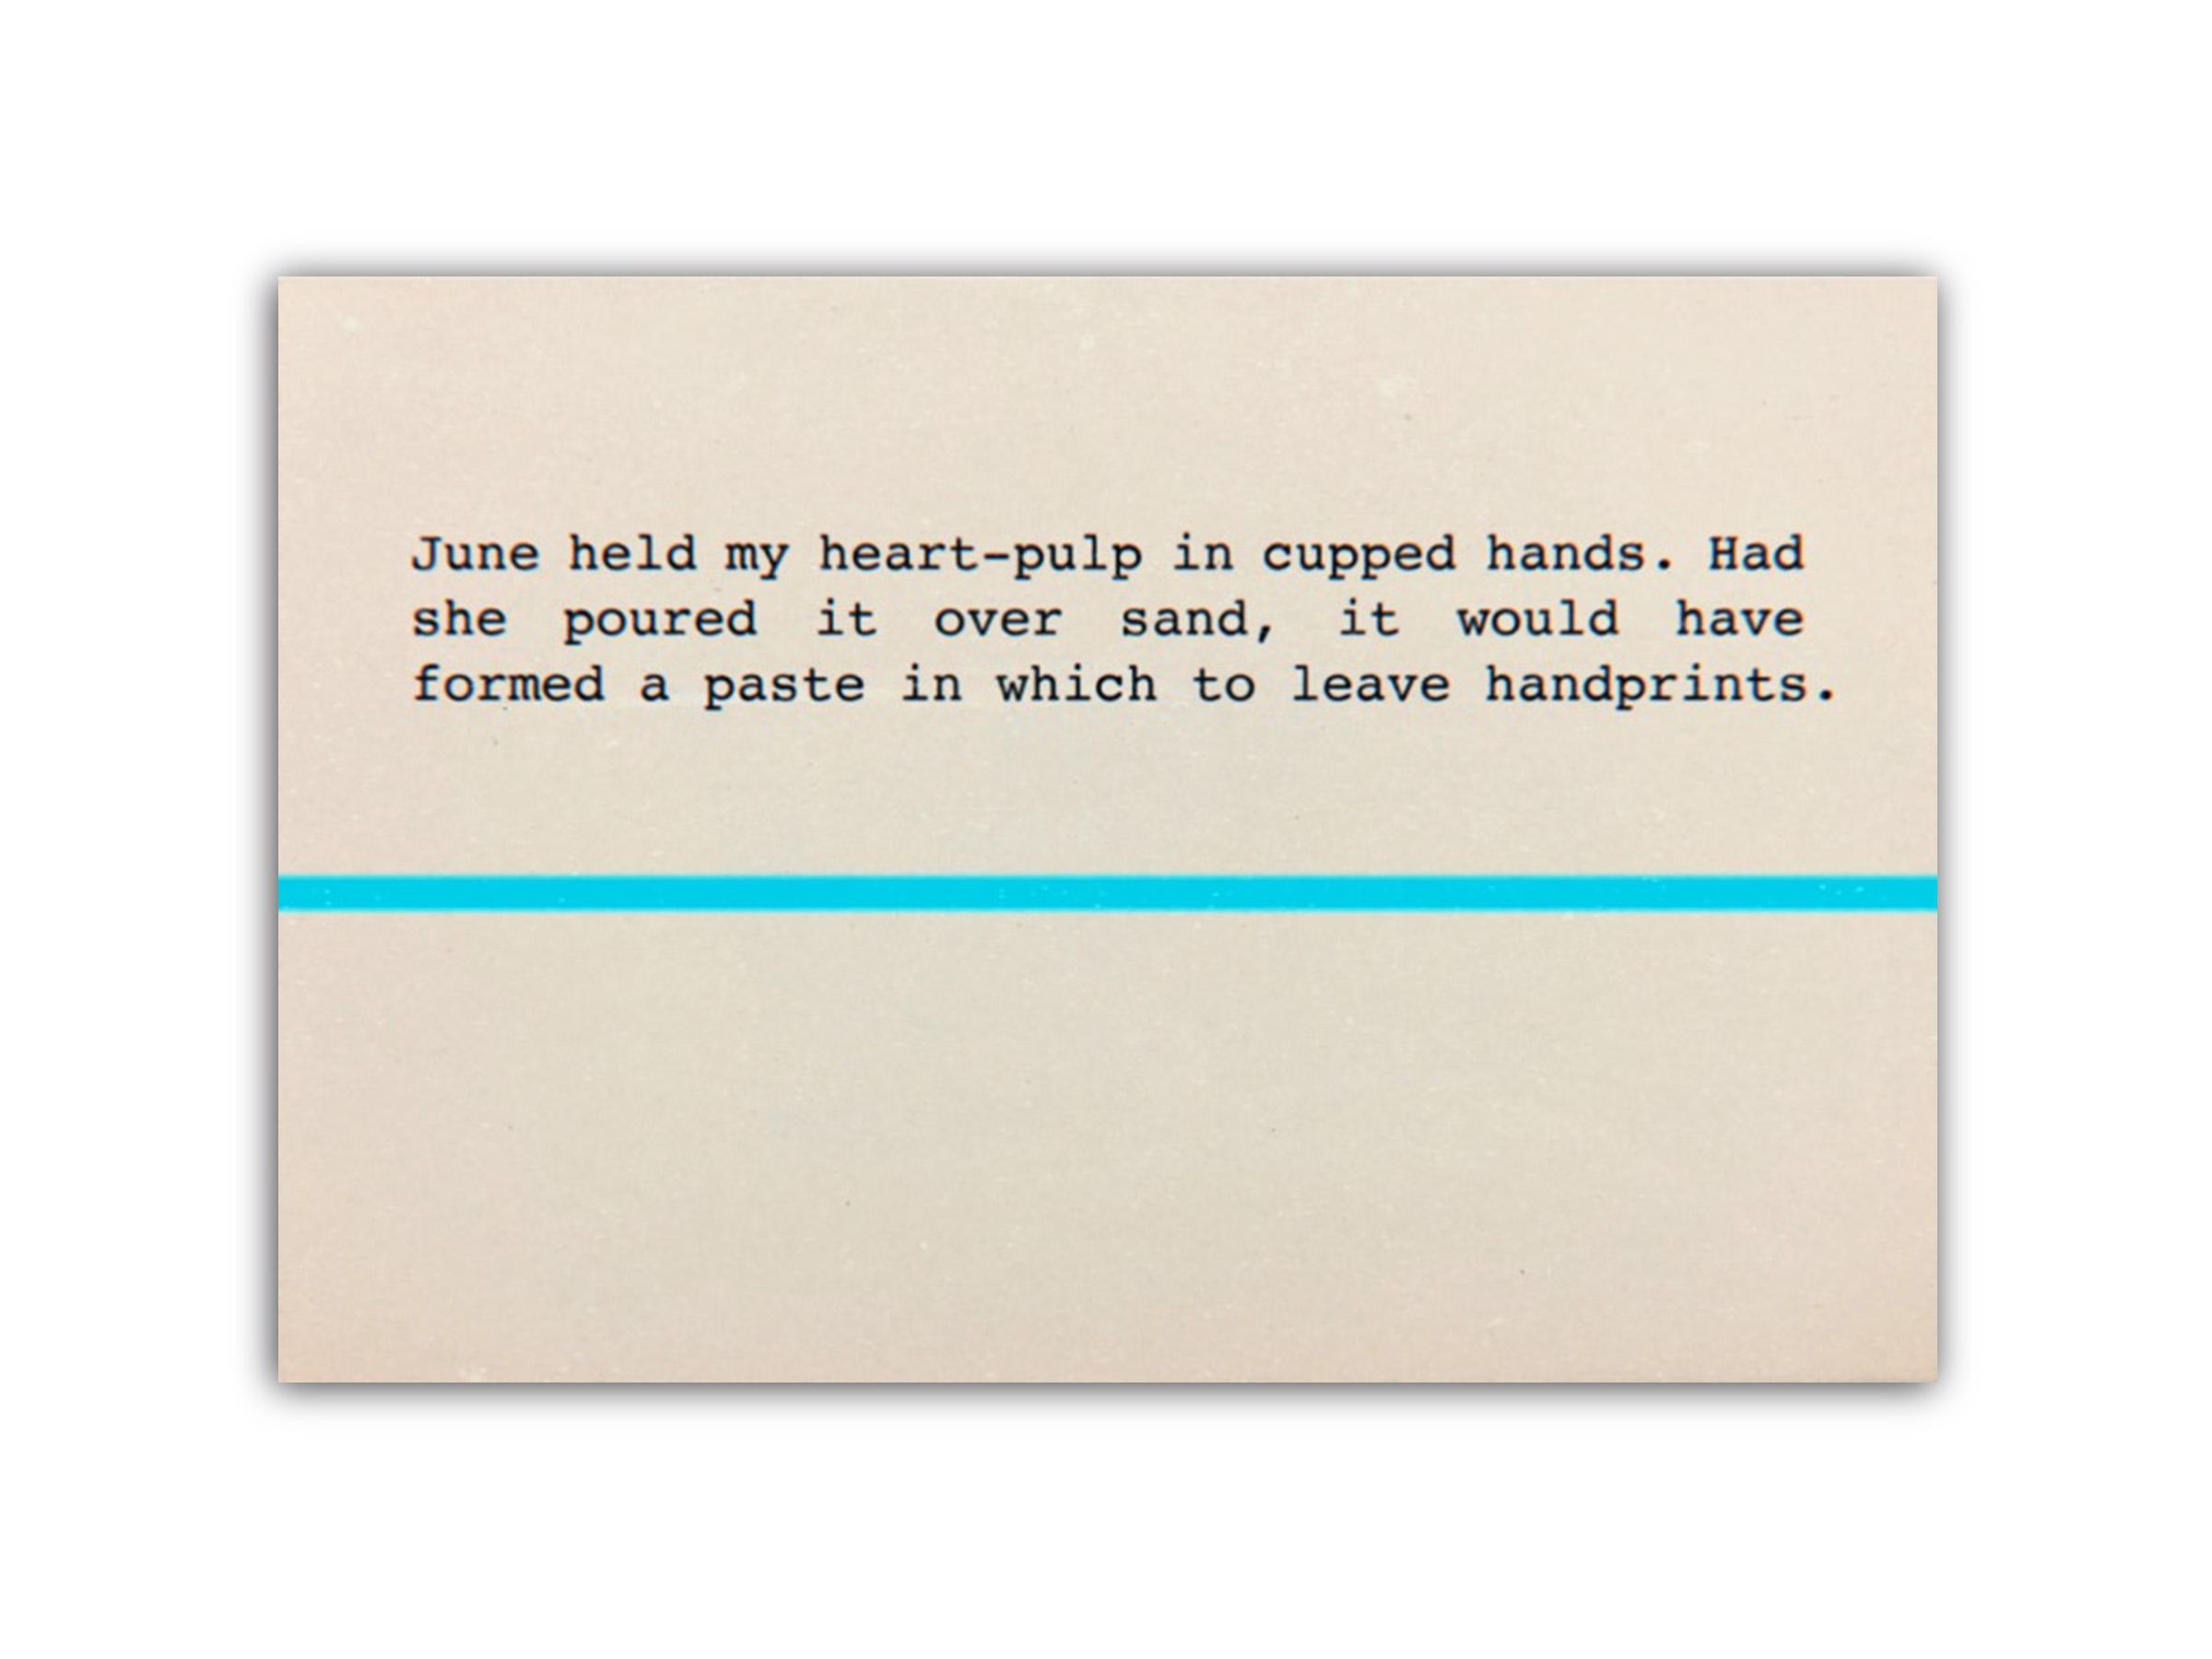 Heart-Pulp